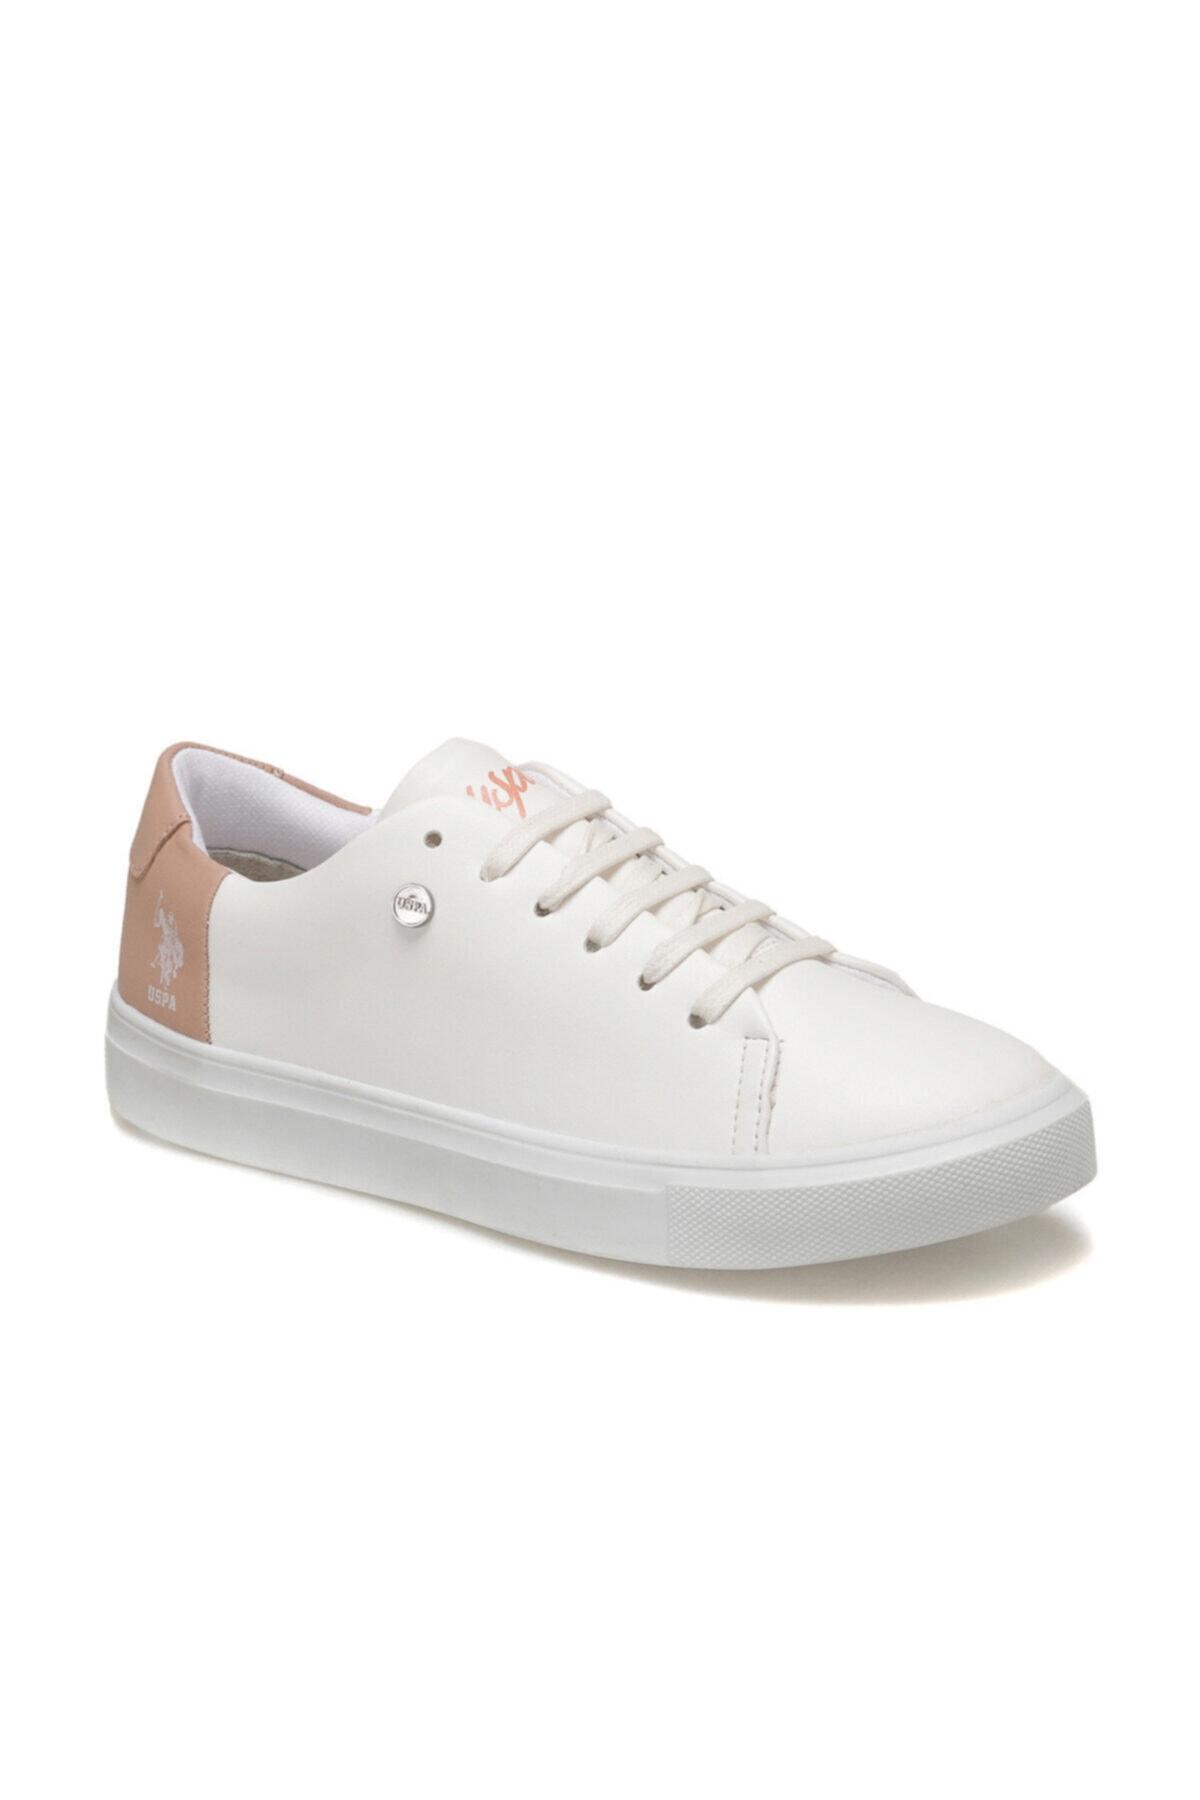 U.S. Polo Assn. Nordes 9pr Beyaz Kadın Sneaker Ayakkabı 1